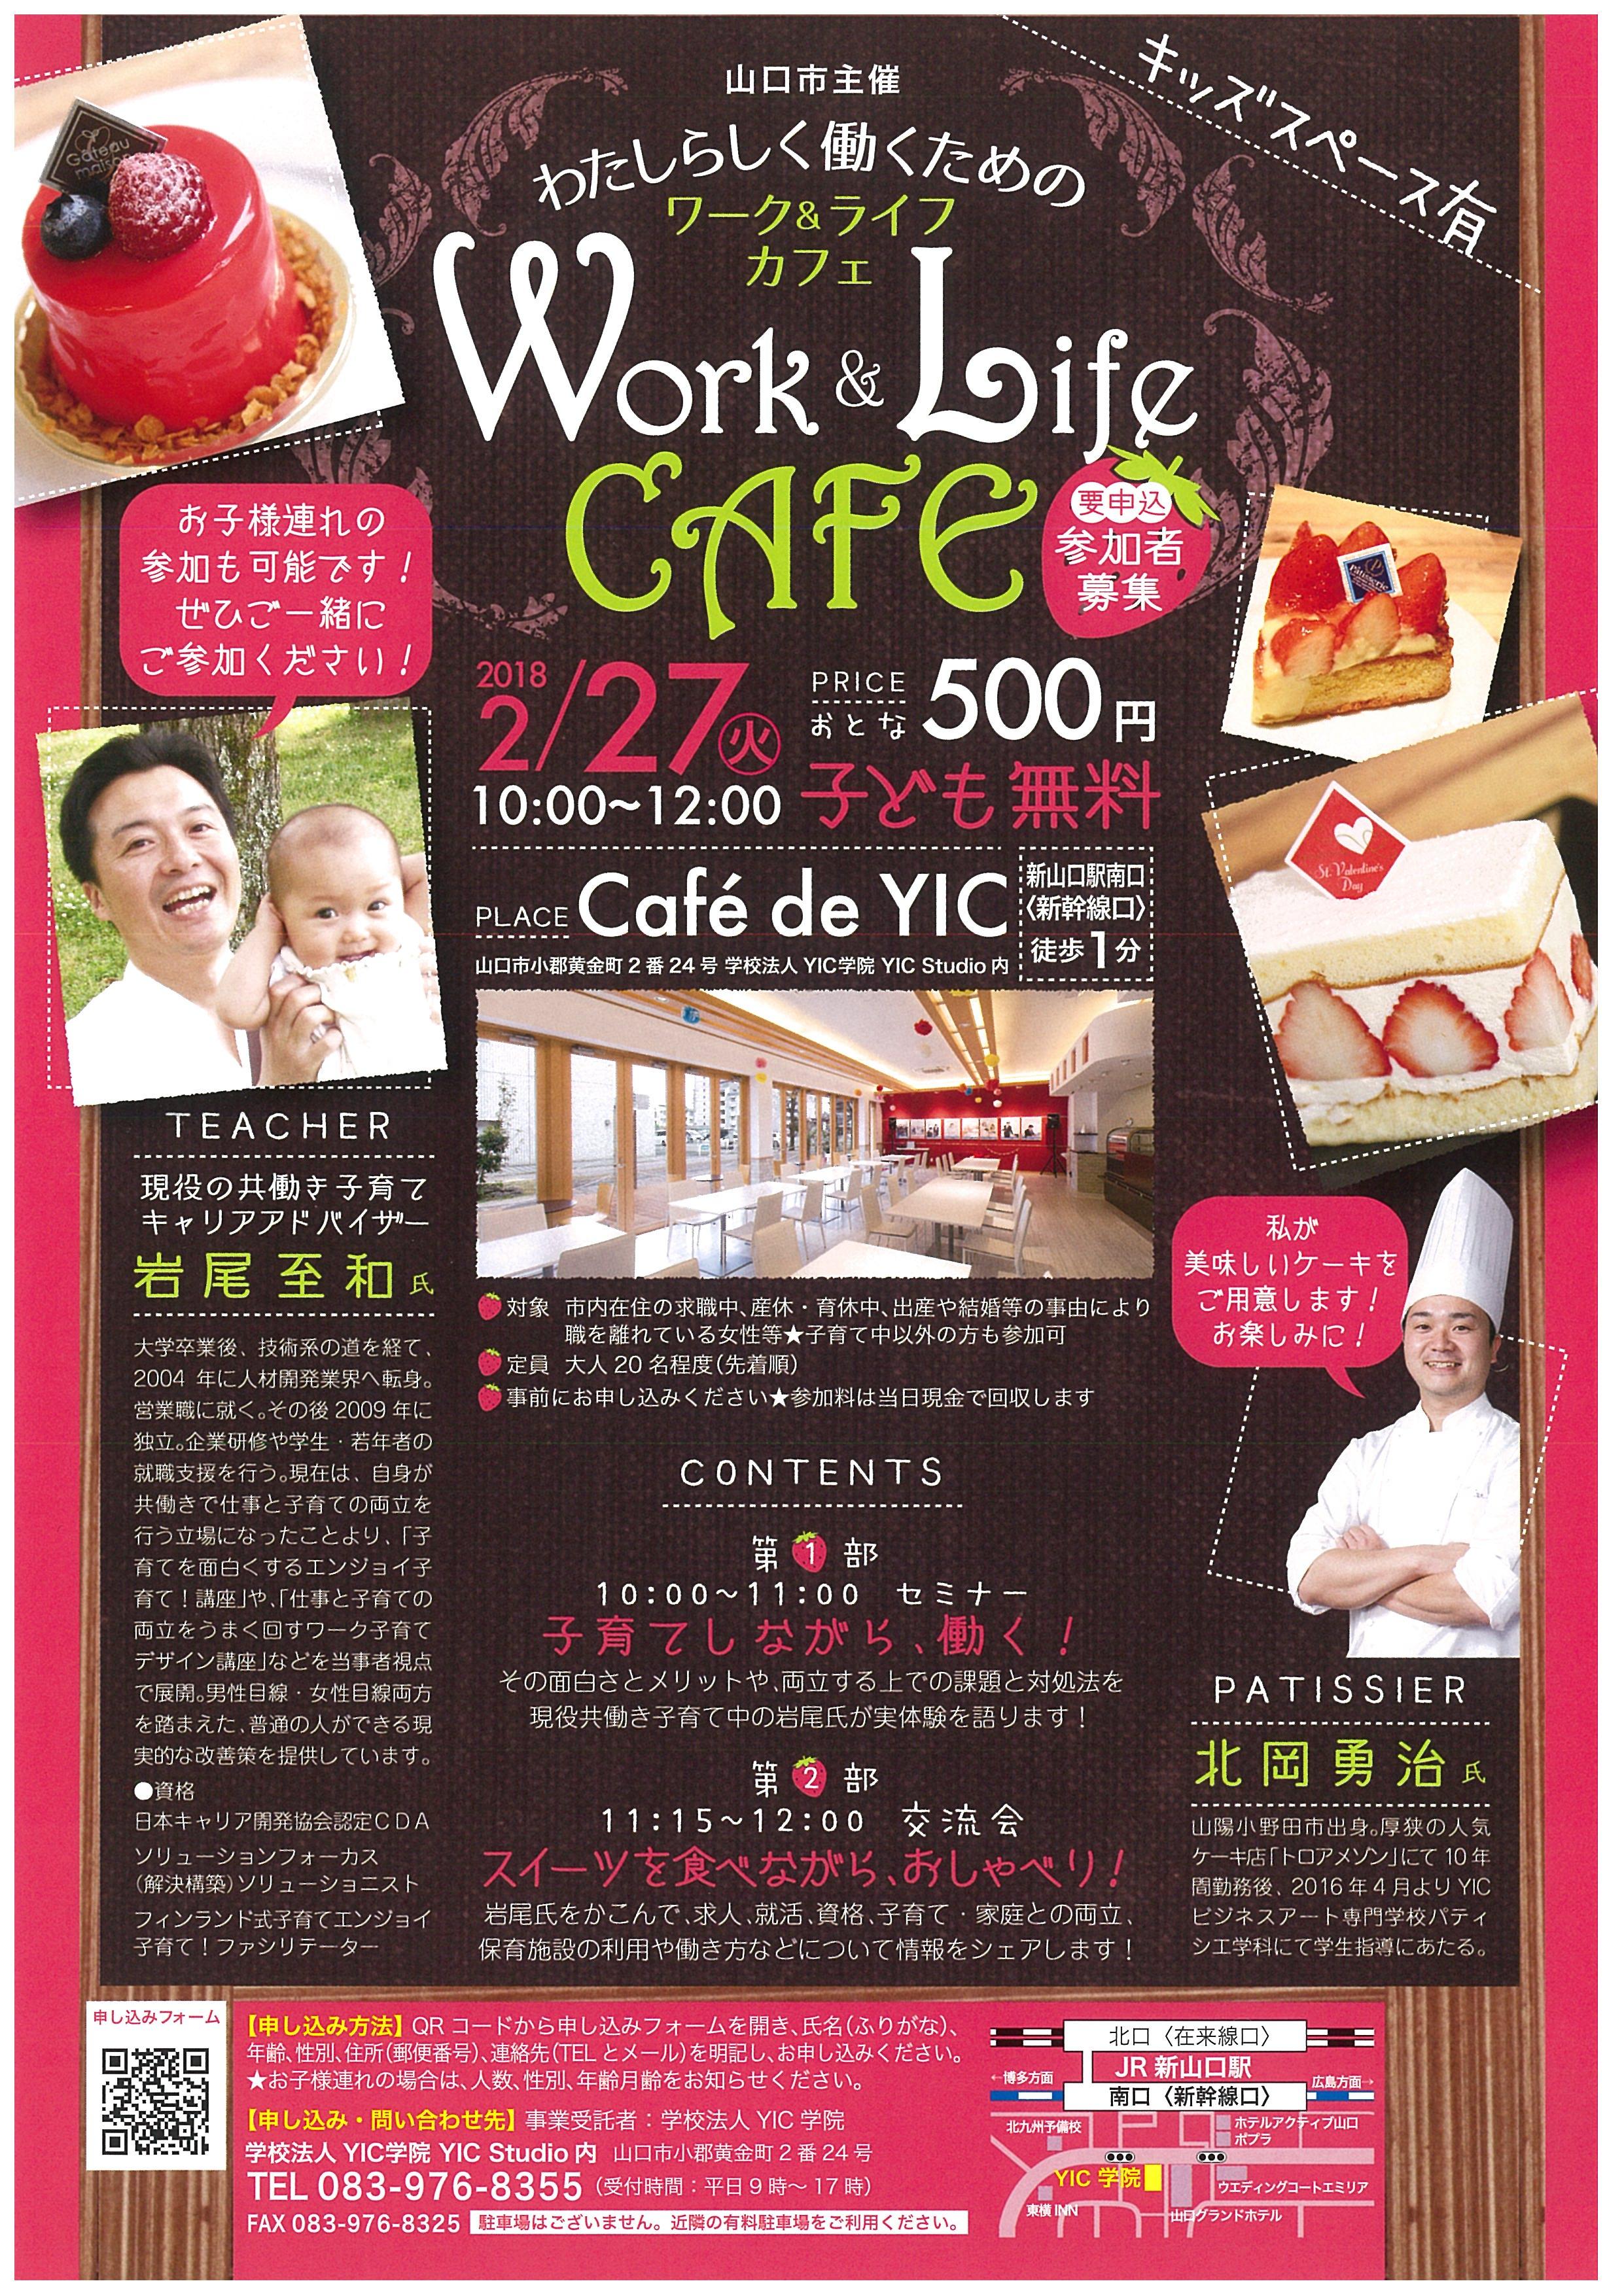 【山口市】わたしらしく働くためのワーク&ライフカフェ